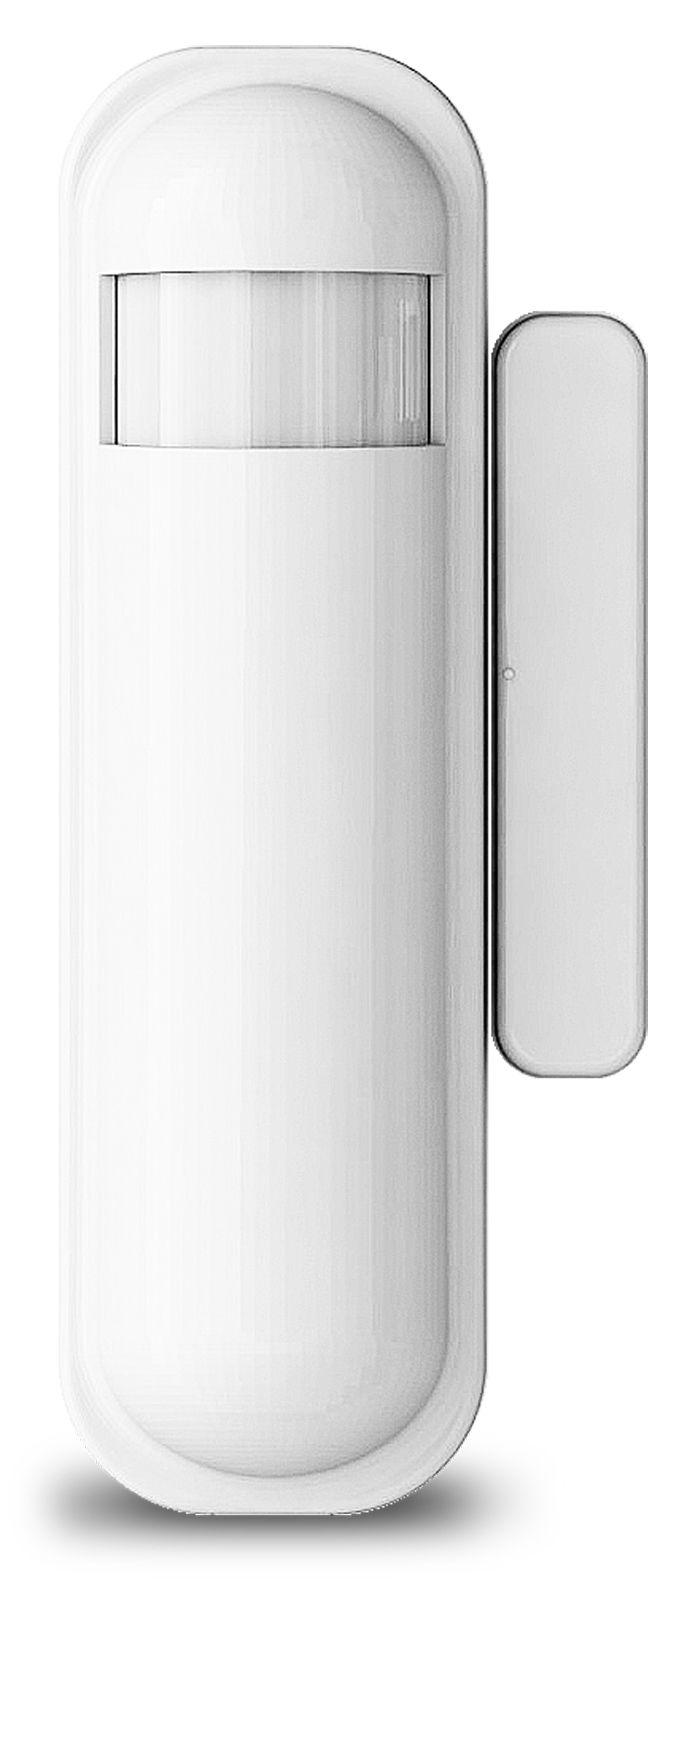 [CATALOGUE GÉNÉRAL 2015] mySmarthome Capteur 4 :1: mouvement, porte/fenêtre, température et lumière; Batterie fournie avec indicateur de faible charge; Capteur infrarouge passif (PIR); Protocole Z-Wave pour ajouter des communications sans fil sécurisées. RÉF. 01559 http://www.exertisbanquemagnetique.fr/info-marque/hauppauge